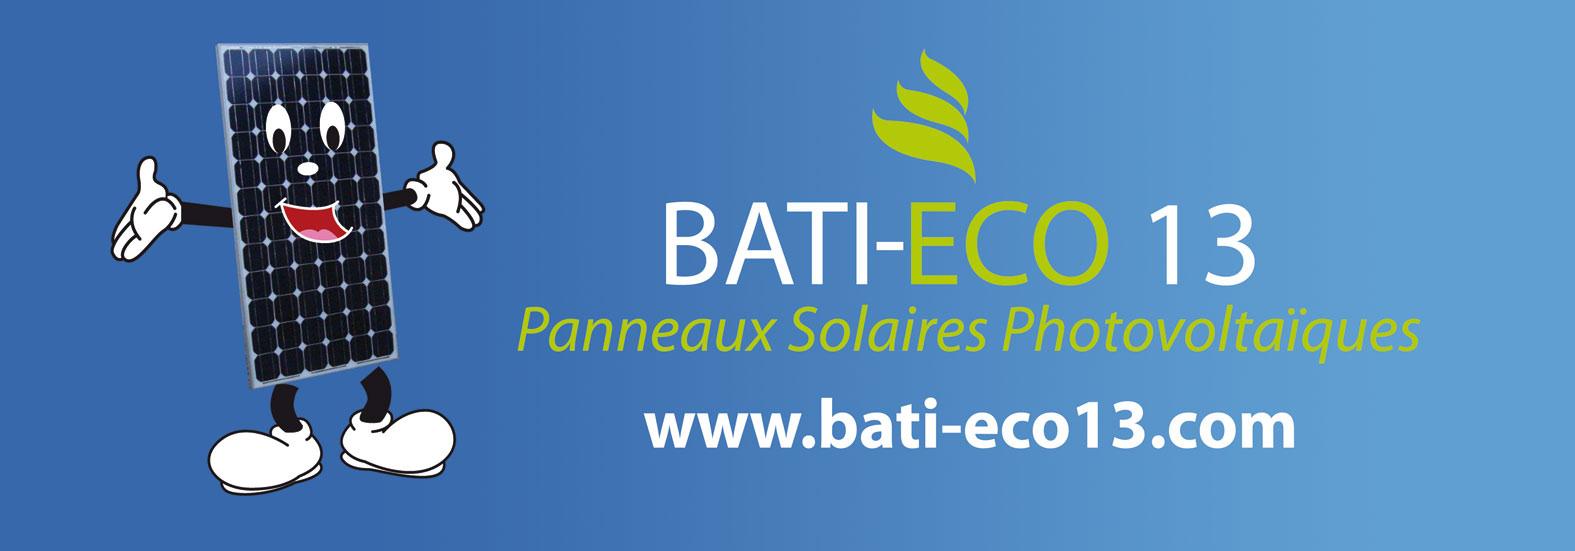 BATI-ECO 13